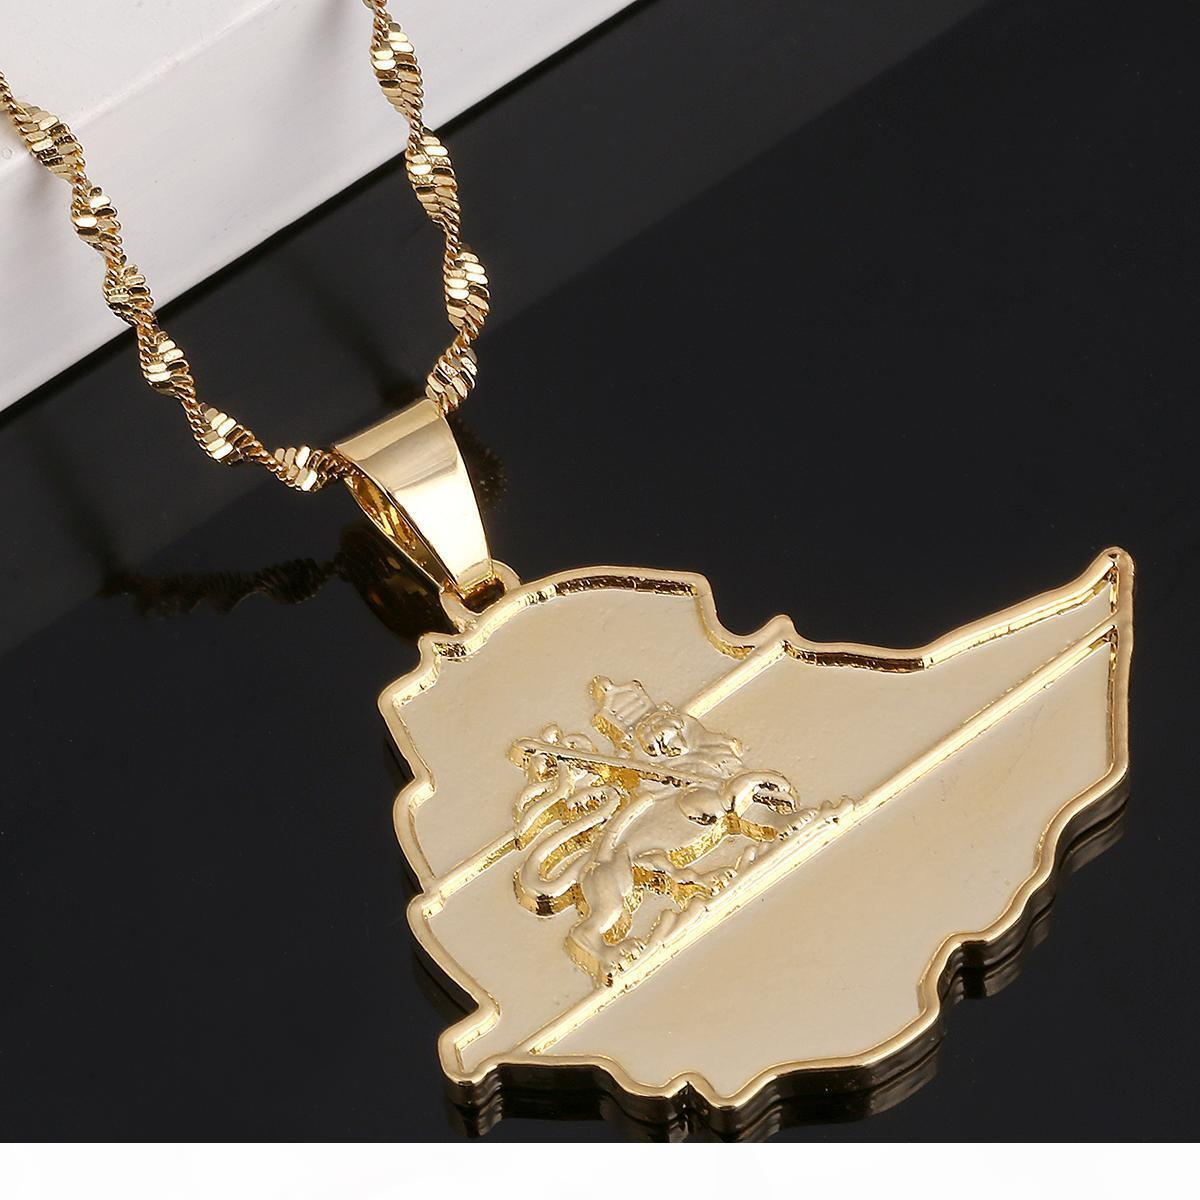 Etiyopya Lion kolye kolye Afrika Altın Zincir Kolye Harita Takı Of E Altın Kaplama Emaye Haritası